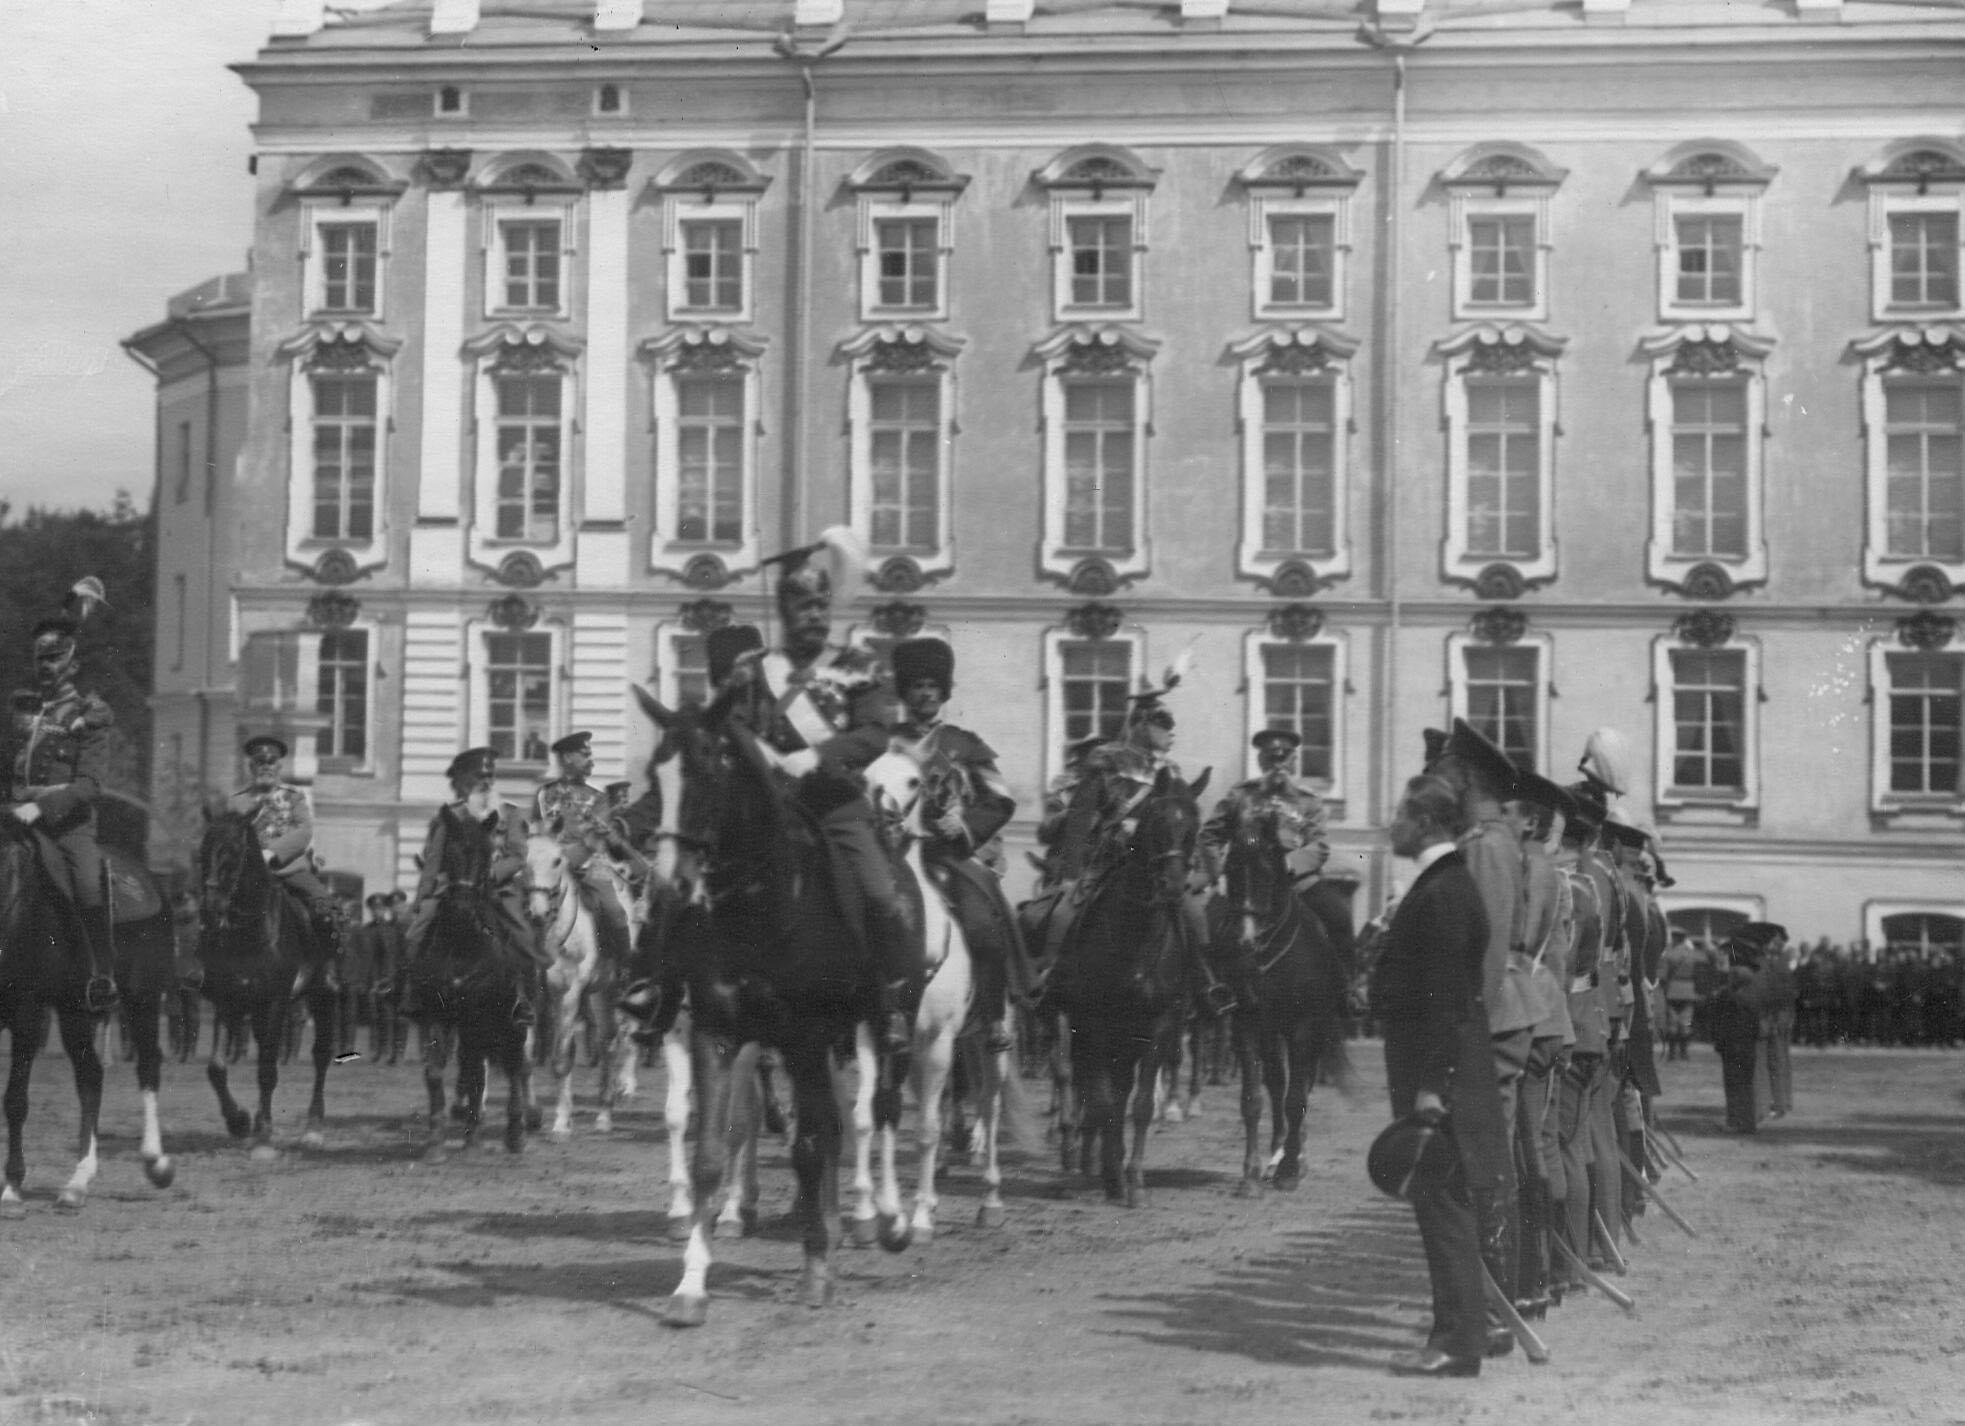 Император Николай II в сопровождении свиты объезжает бывших офицеров полка во время парада Уланского Её Величества лейб-гвардии полка